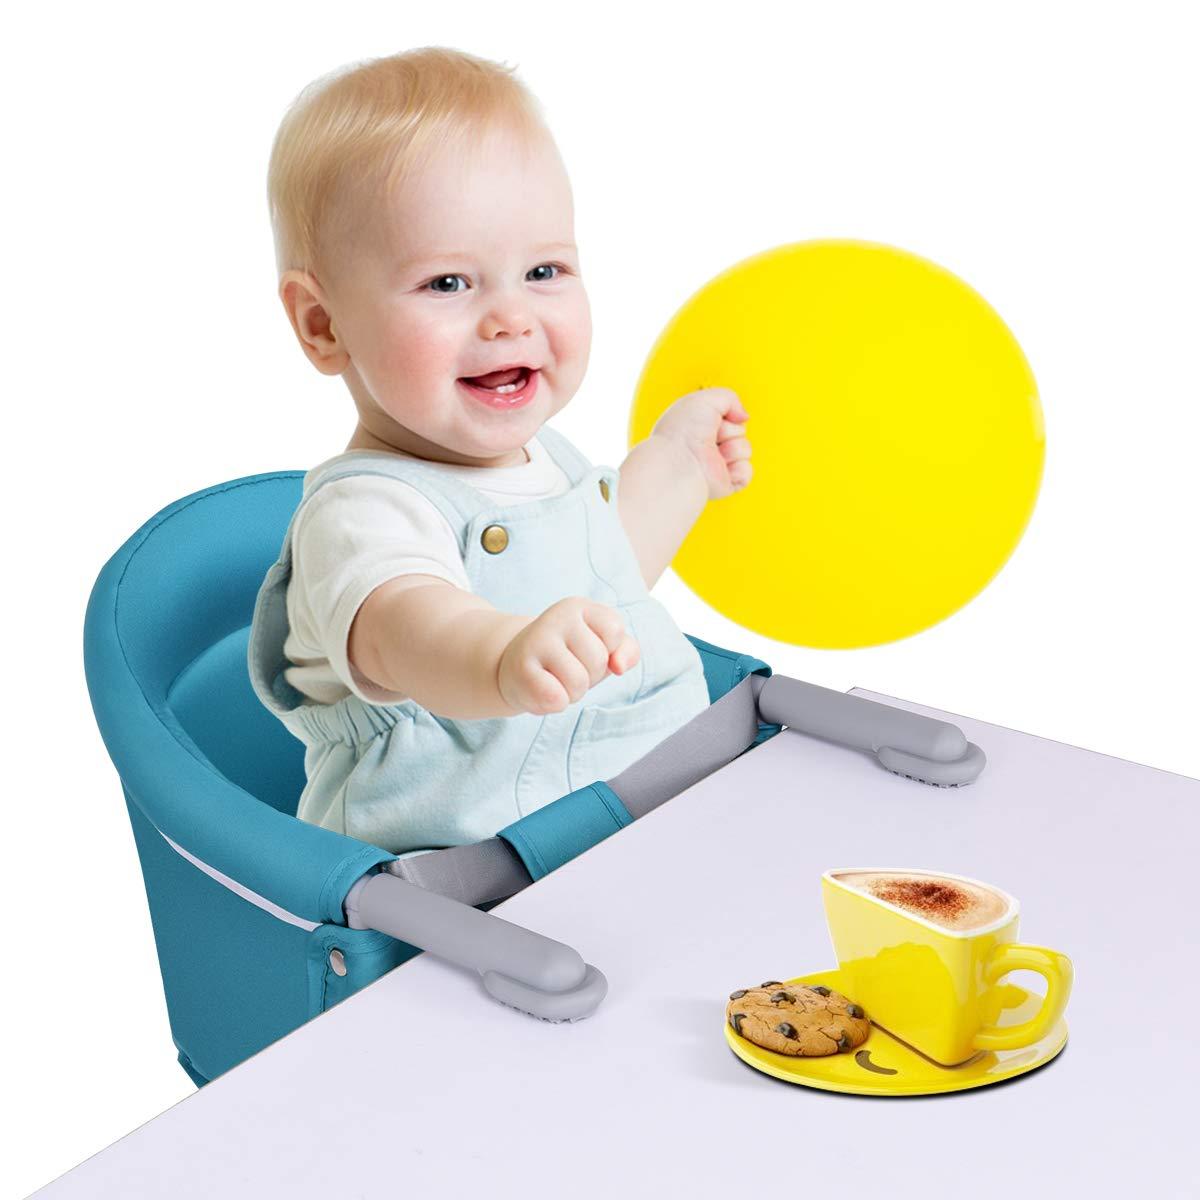 Amazon.com: Costzon - Silla de mesa portátil y plegable para ...